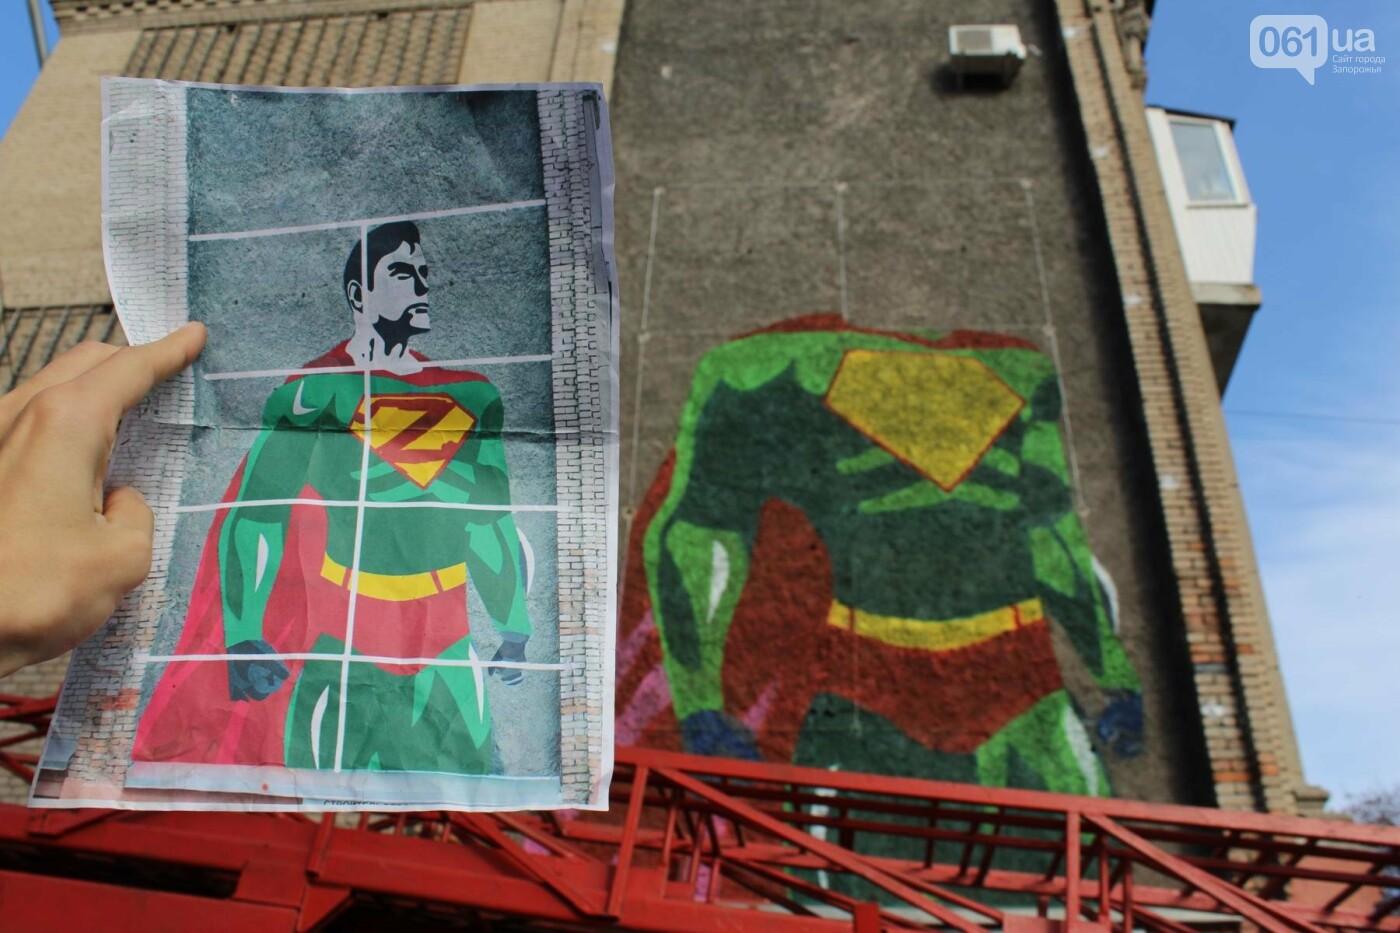 В студгородке создали огромный мурал с запорожским суперменом, — ФОТОРЕПОРТАЖ, фото-12